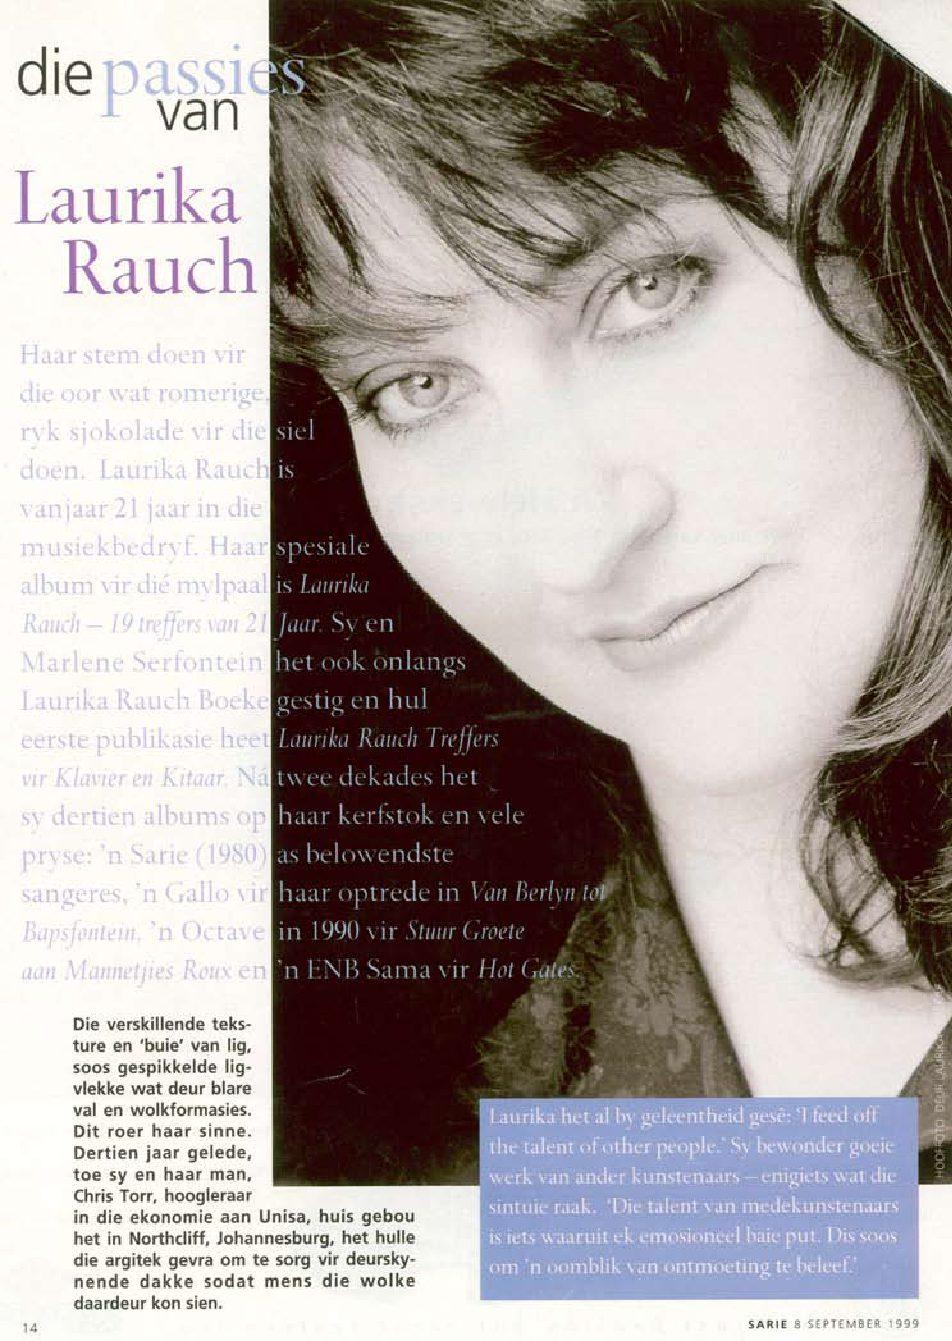 1999-sarie-die-passies-van-laurika